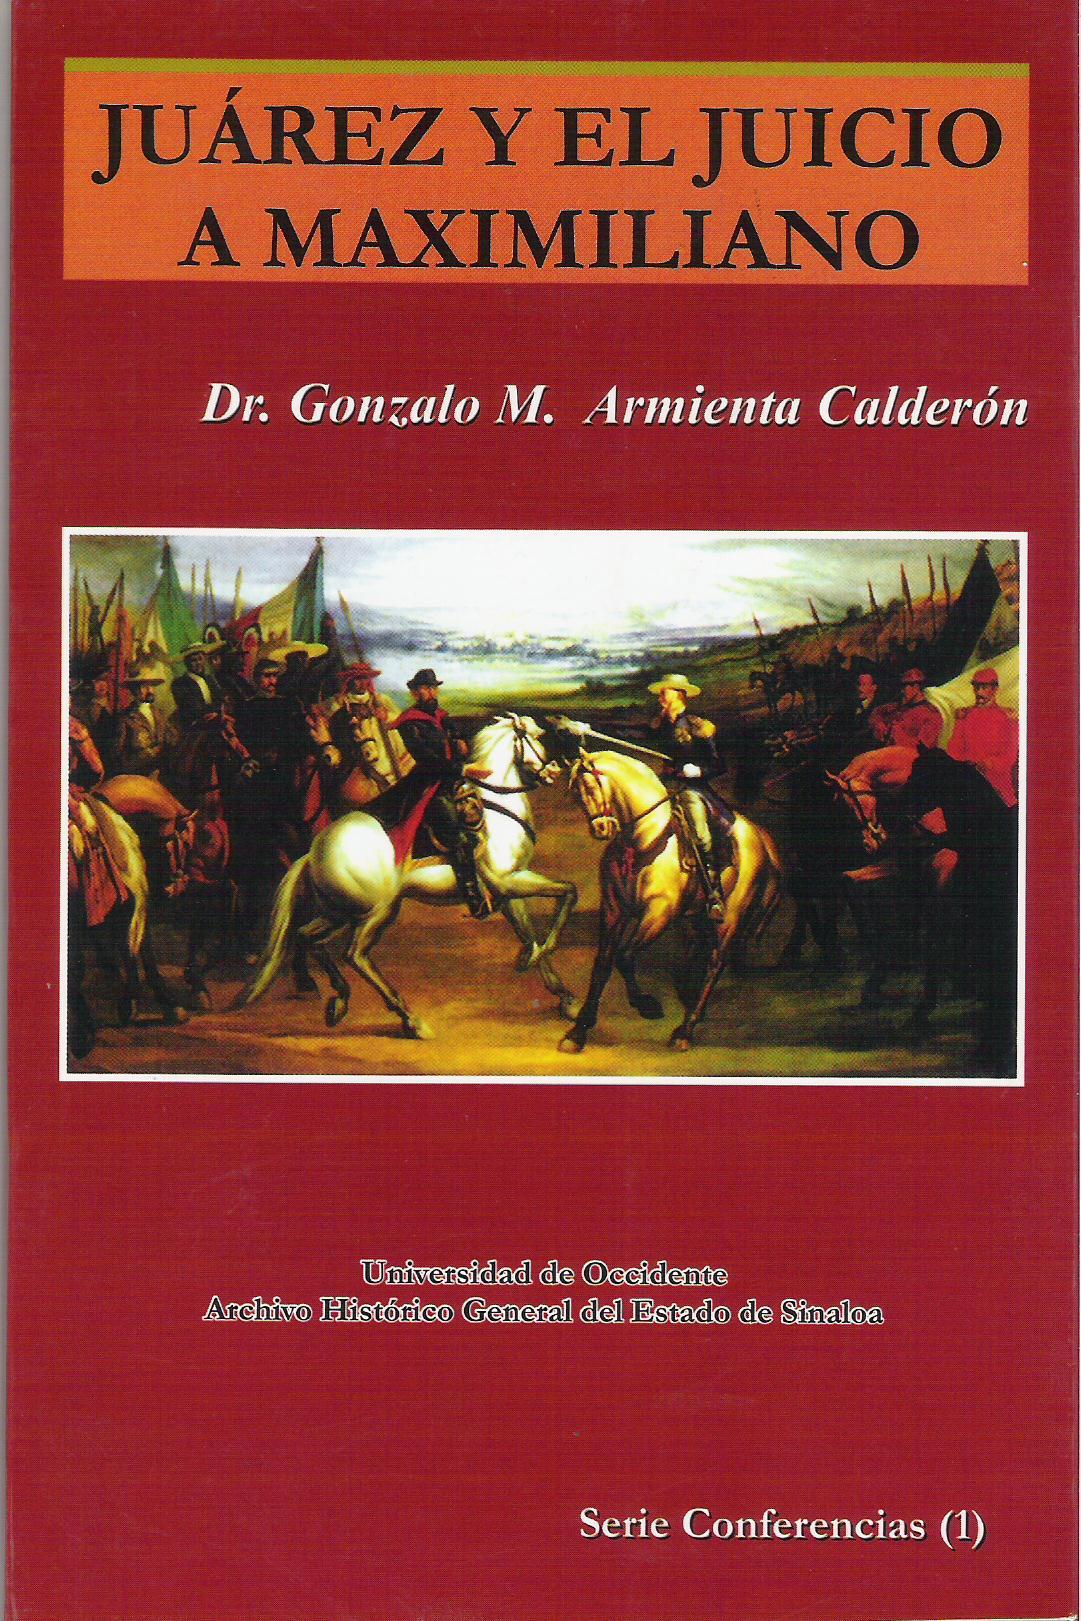 Jurez y el juicio a Maximiliano edici¢n bilingue